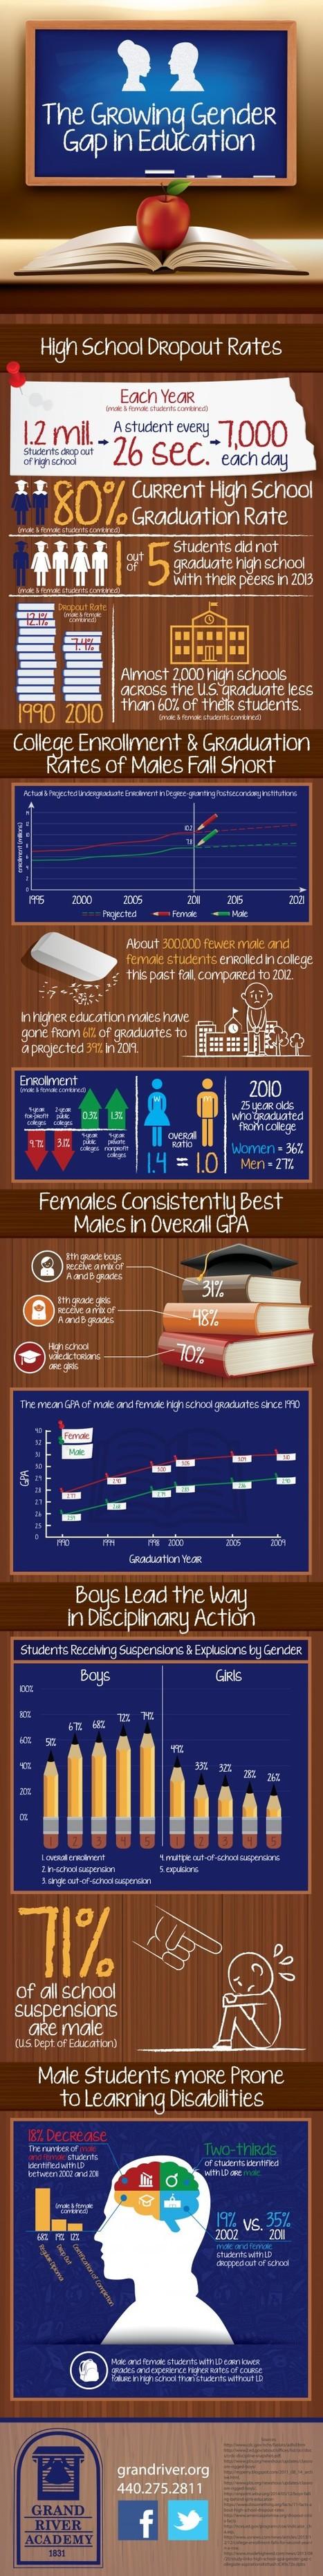 The Growing Gender Gap in Education | timviands Links | Scoop.it